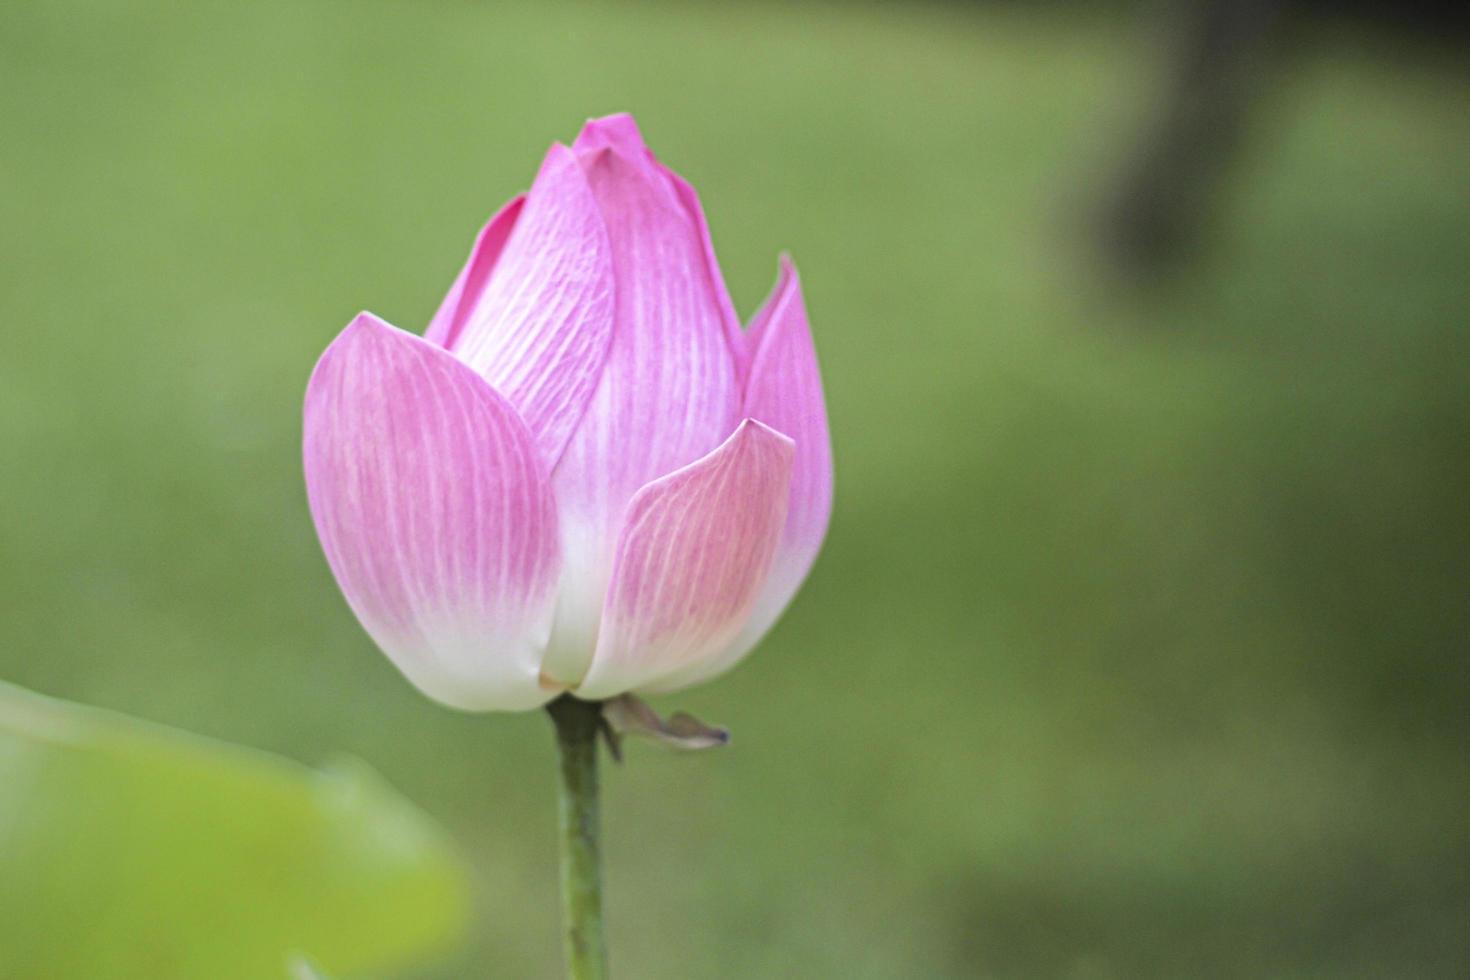 schöner rosa Lotus. Lotusa Schönheit für den Wassergarten Naturfotografie Blumen. Nahaufnahme der Lotusknospe mit grünem Hintergrund foto